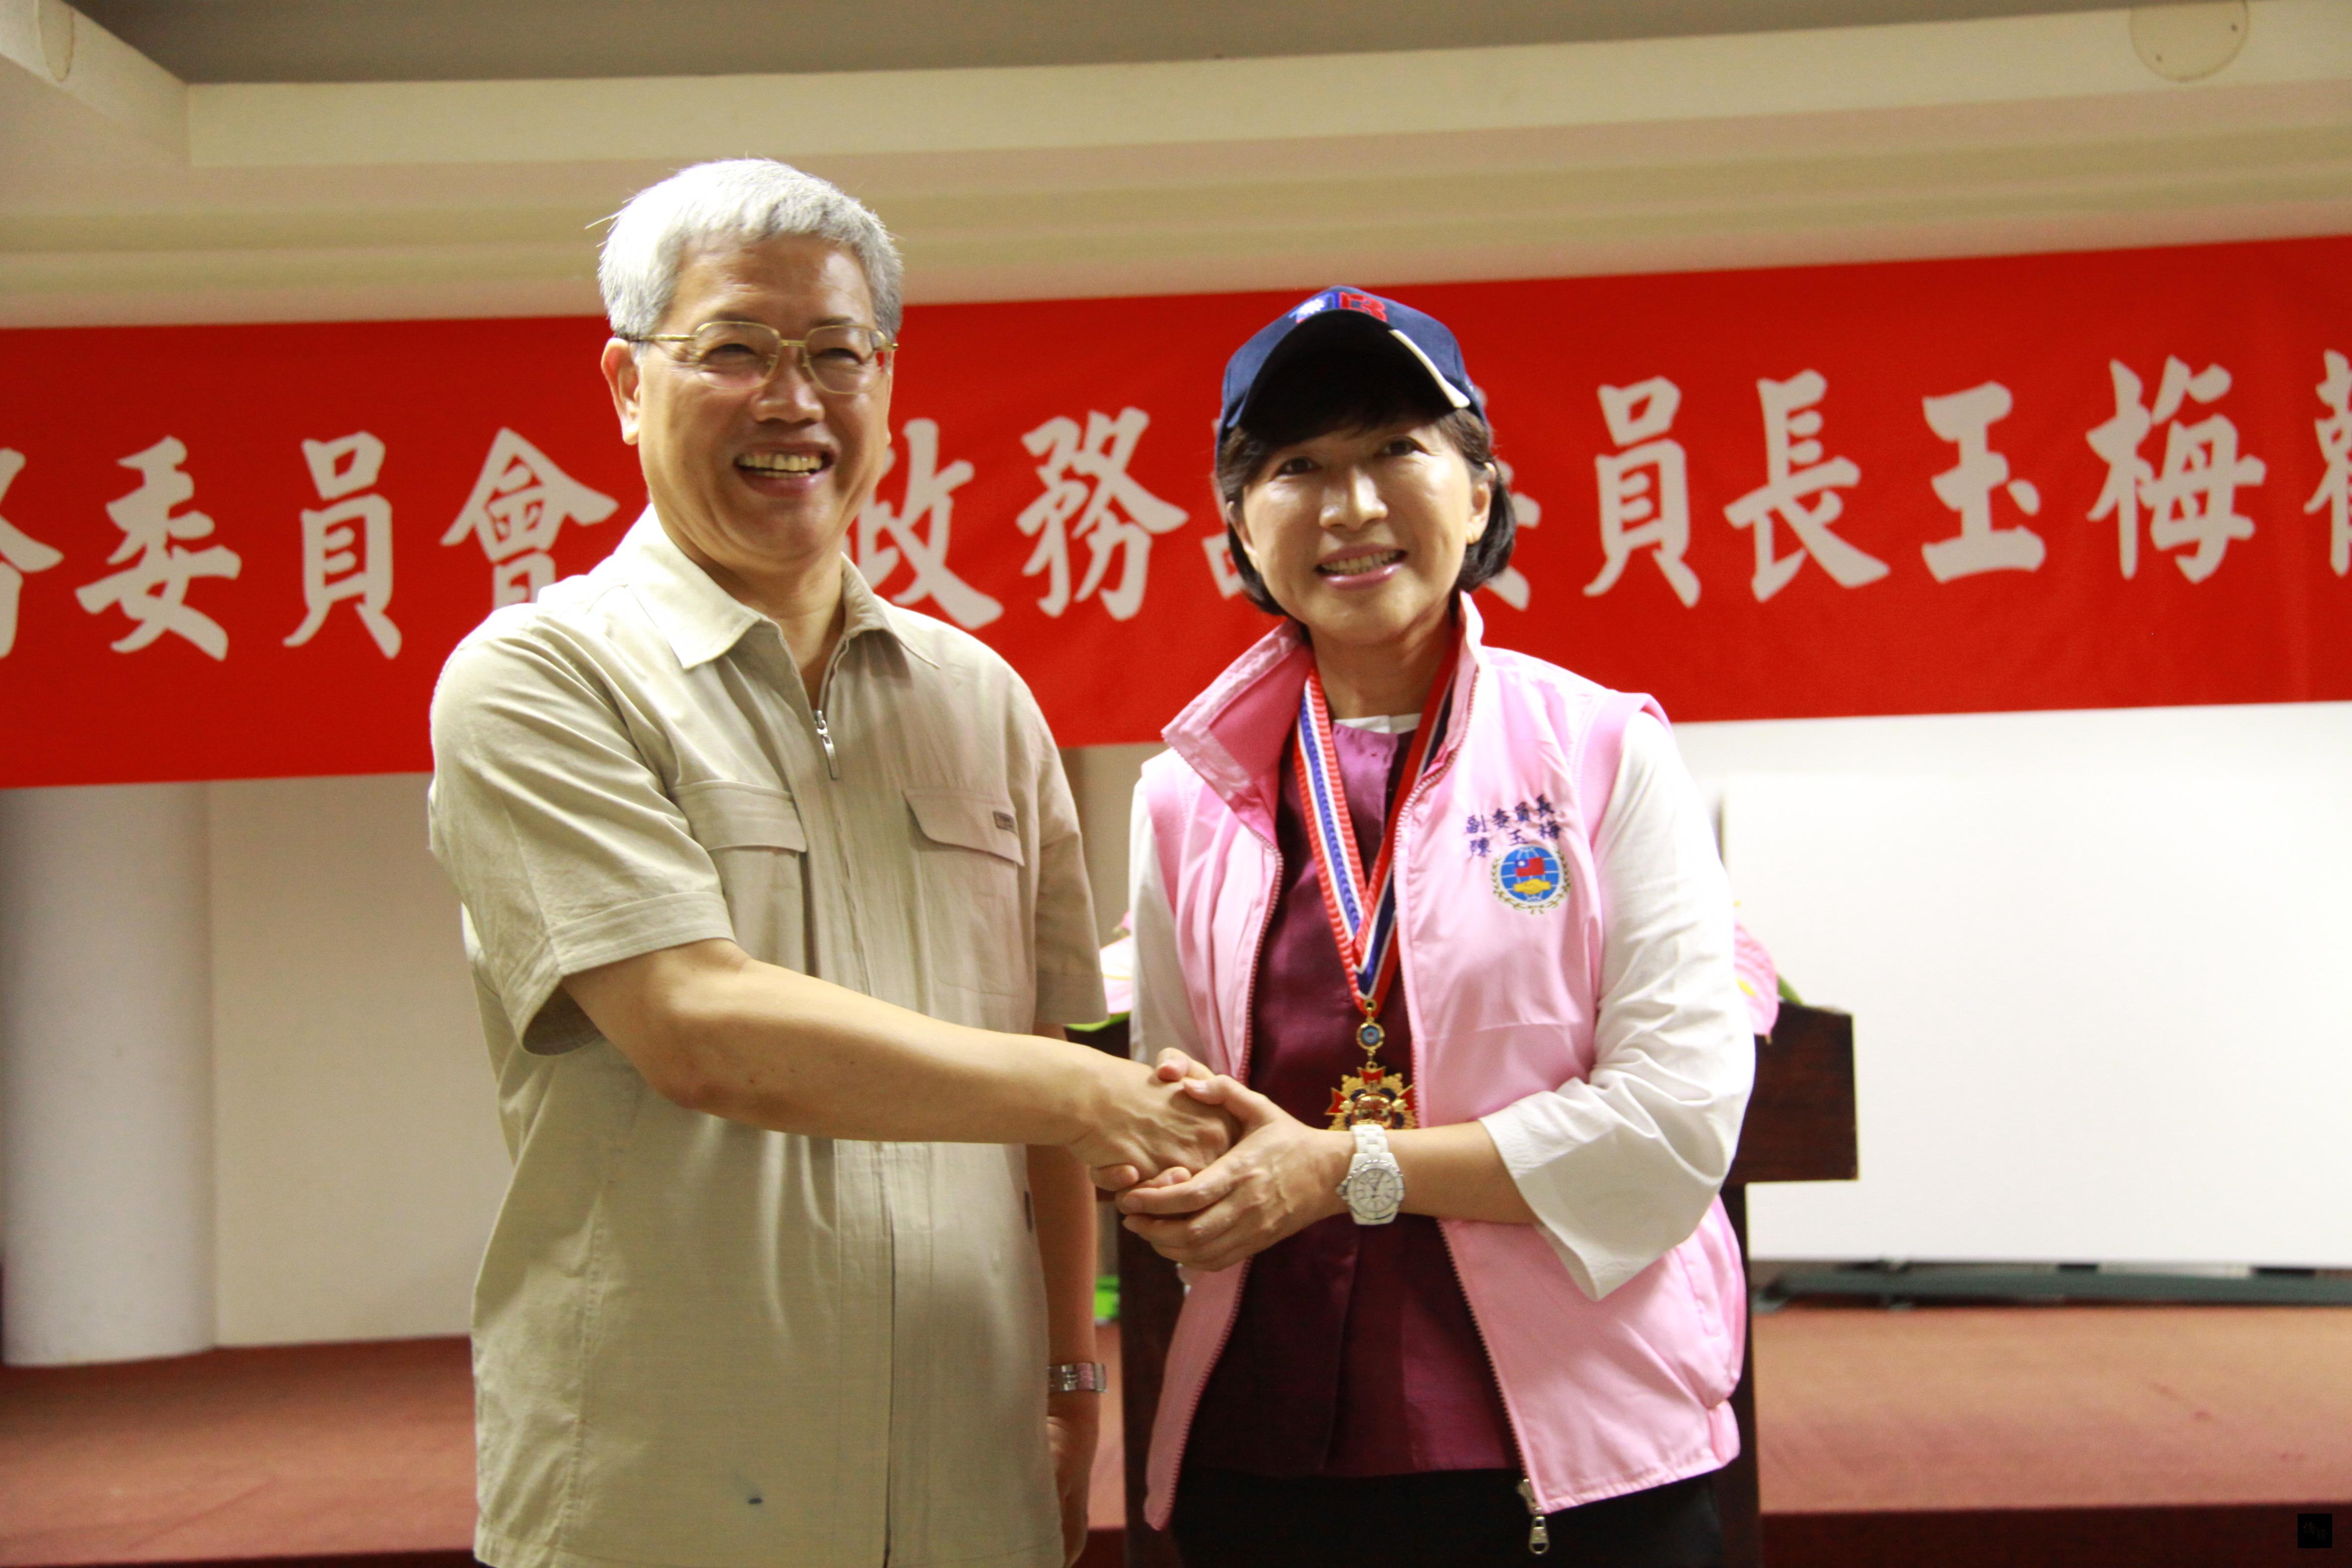 僑委會委員長陳士魁(左)致贈志工帽及志工背心給副委員長陳玉梅(右),希望她能夠做永遠的僑務志工。